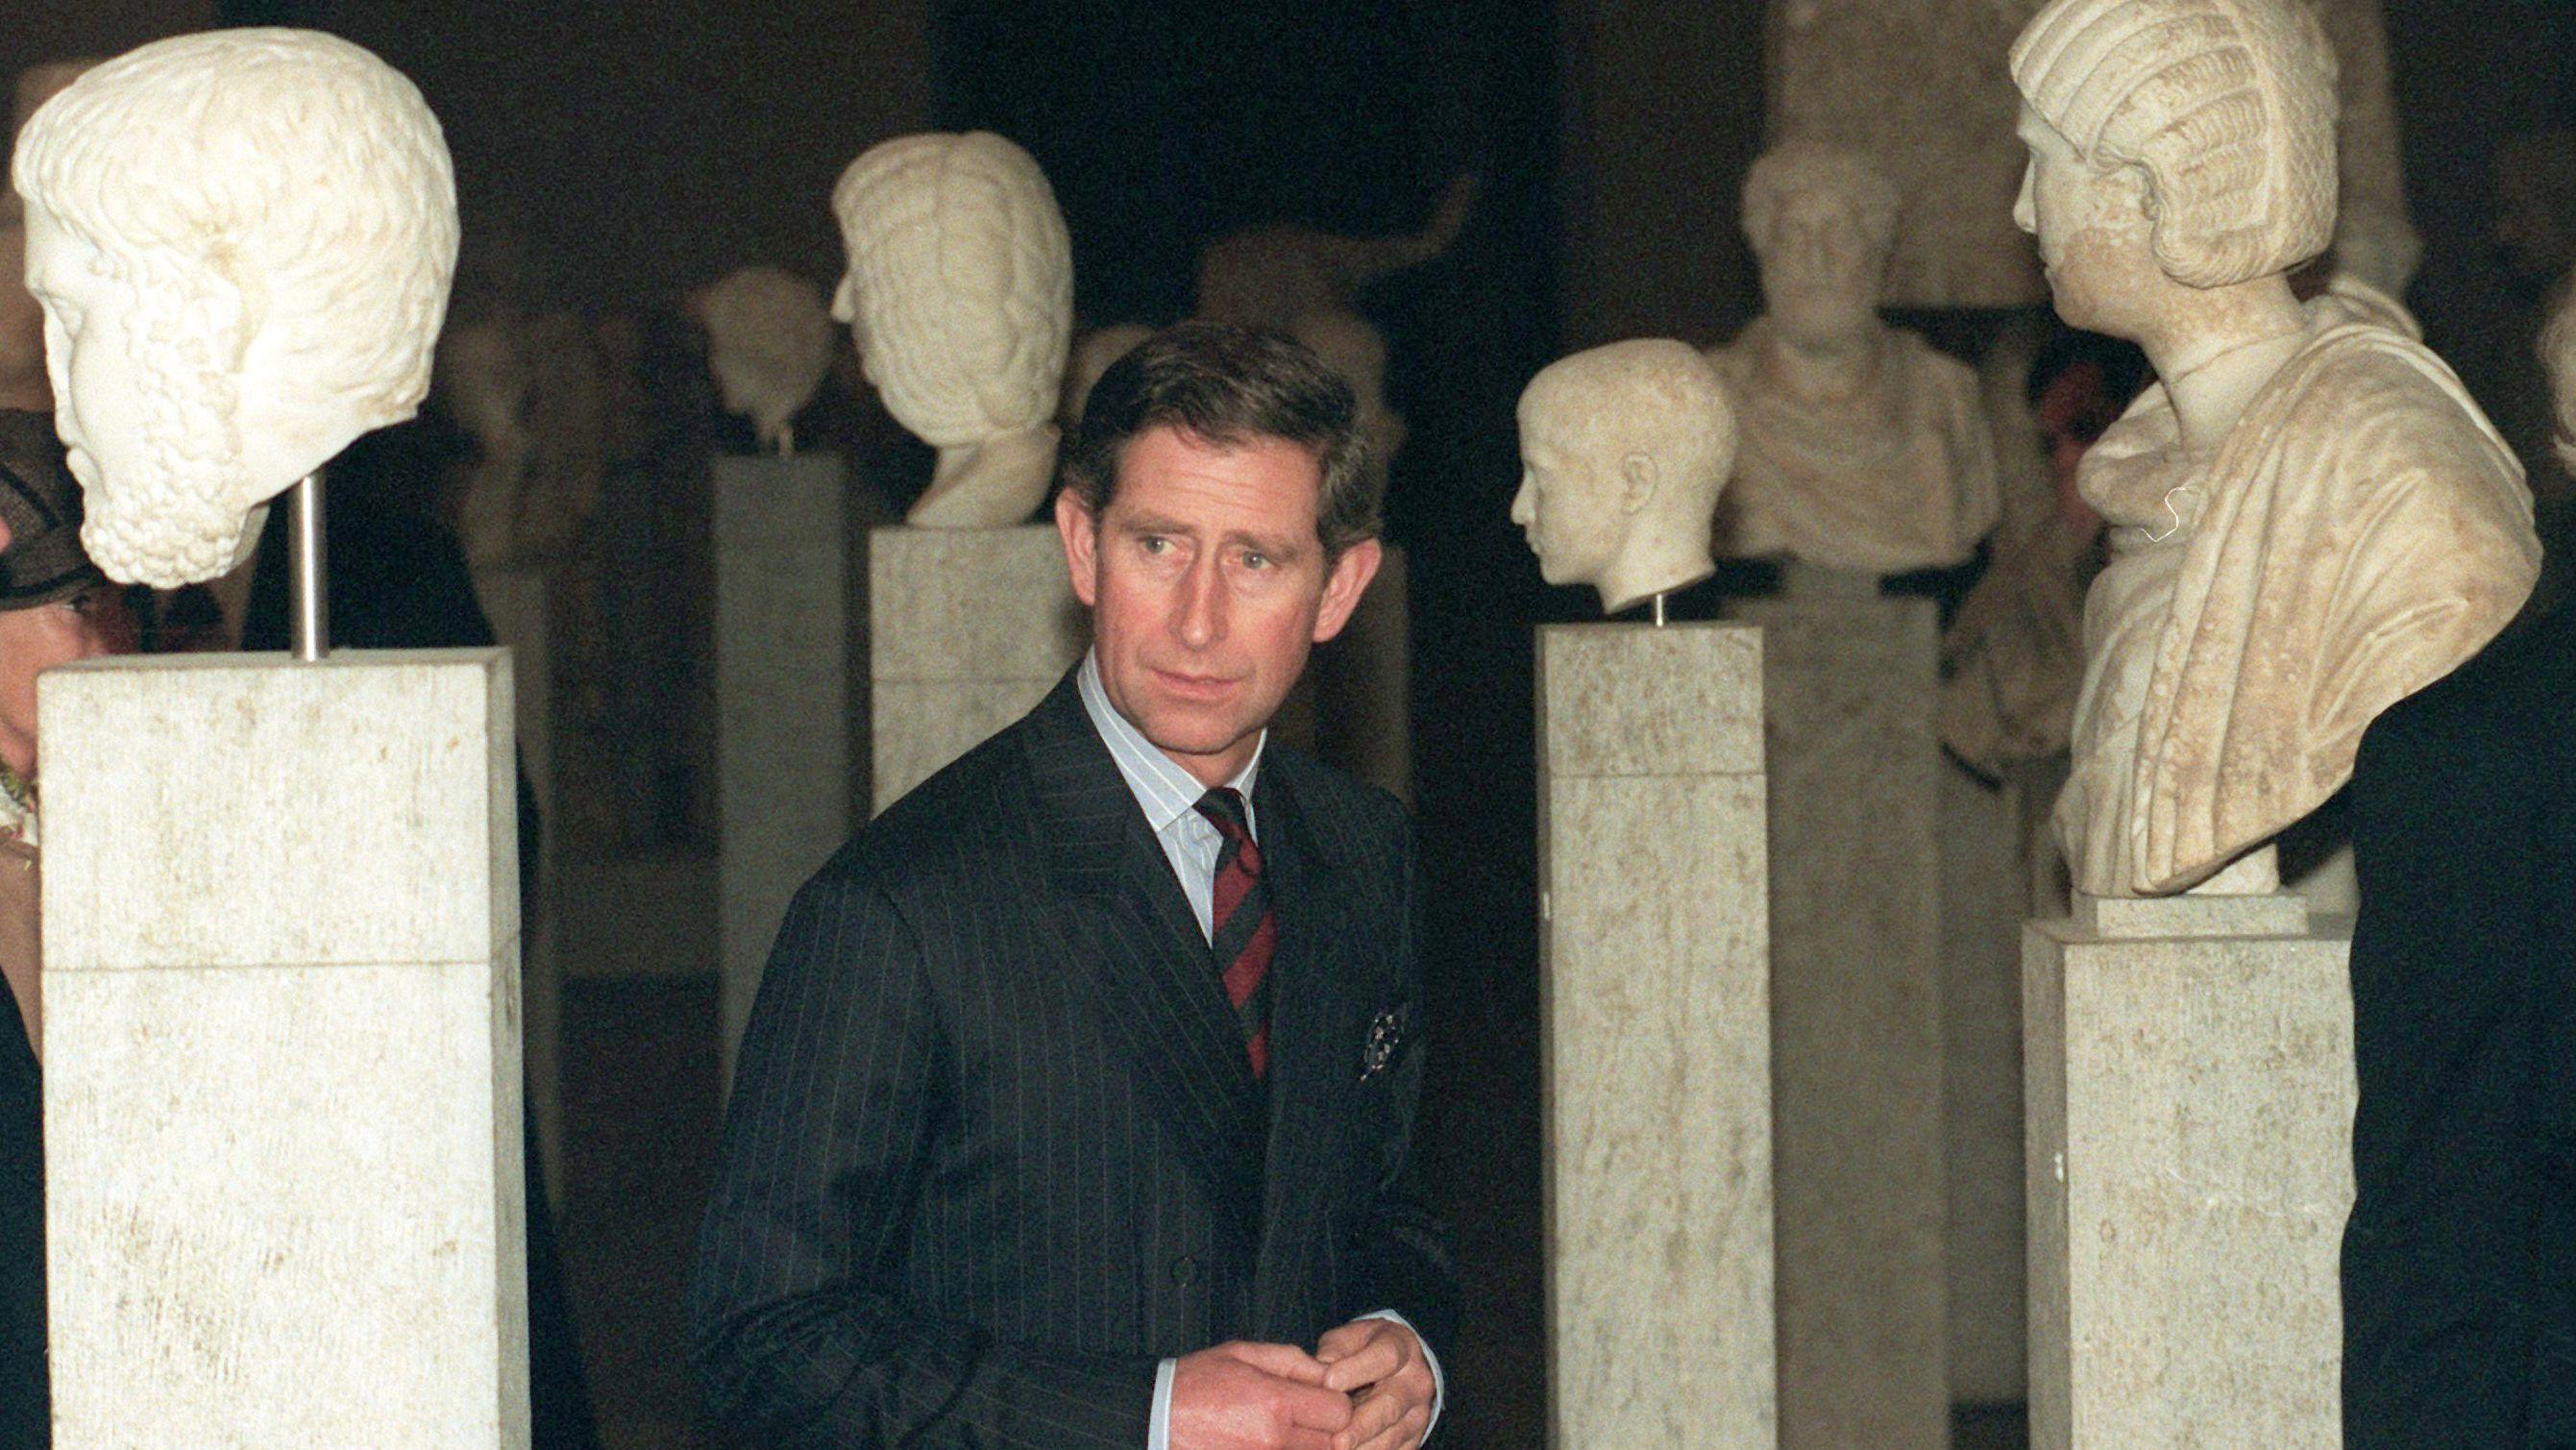 Archivbild: Prinz Charles 1995 in der Münchner Glyptothek